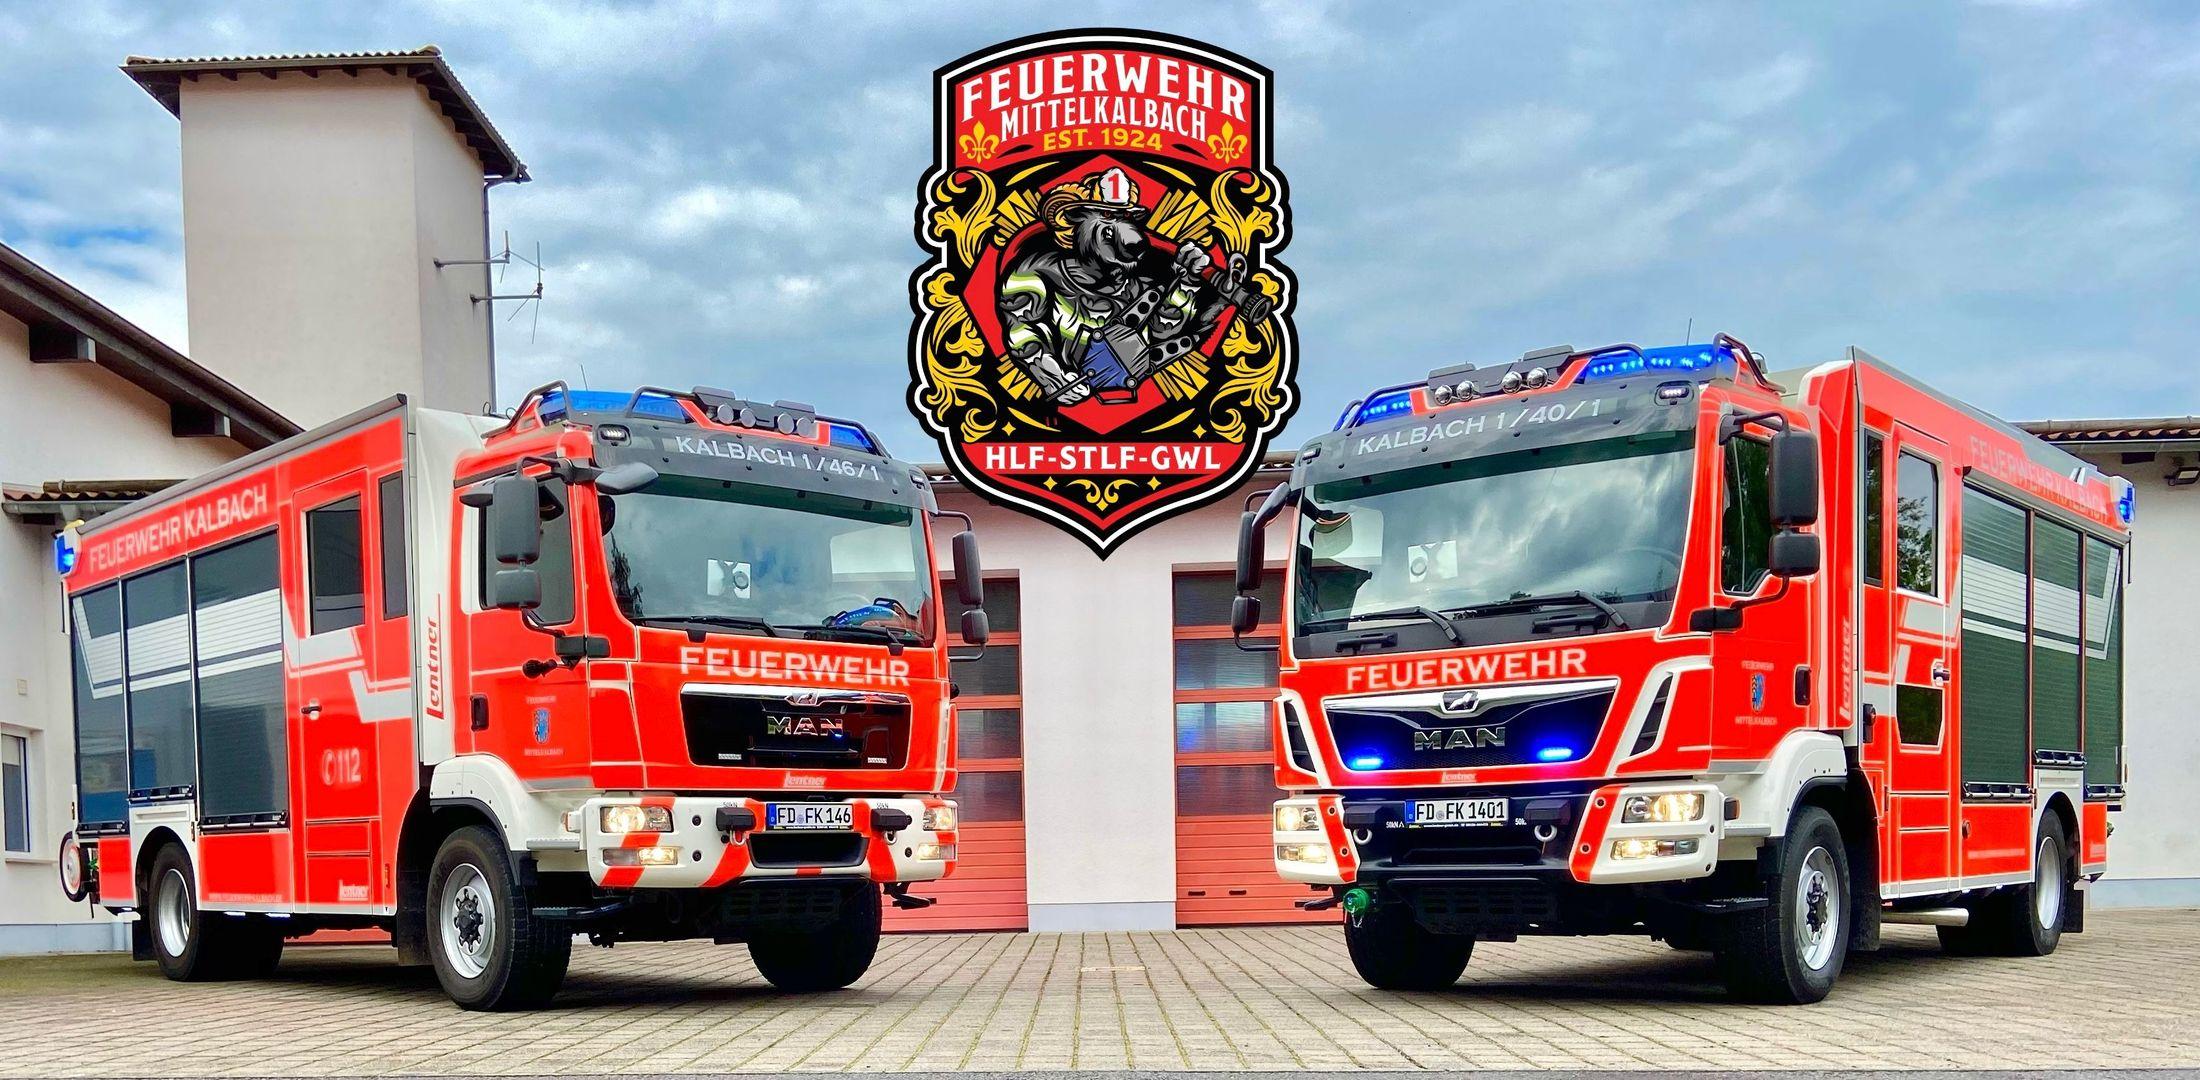 Vorstand Feuerwehr Mittelkalbach e.V.